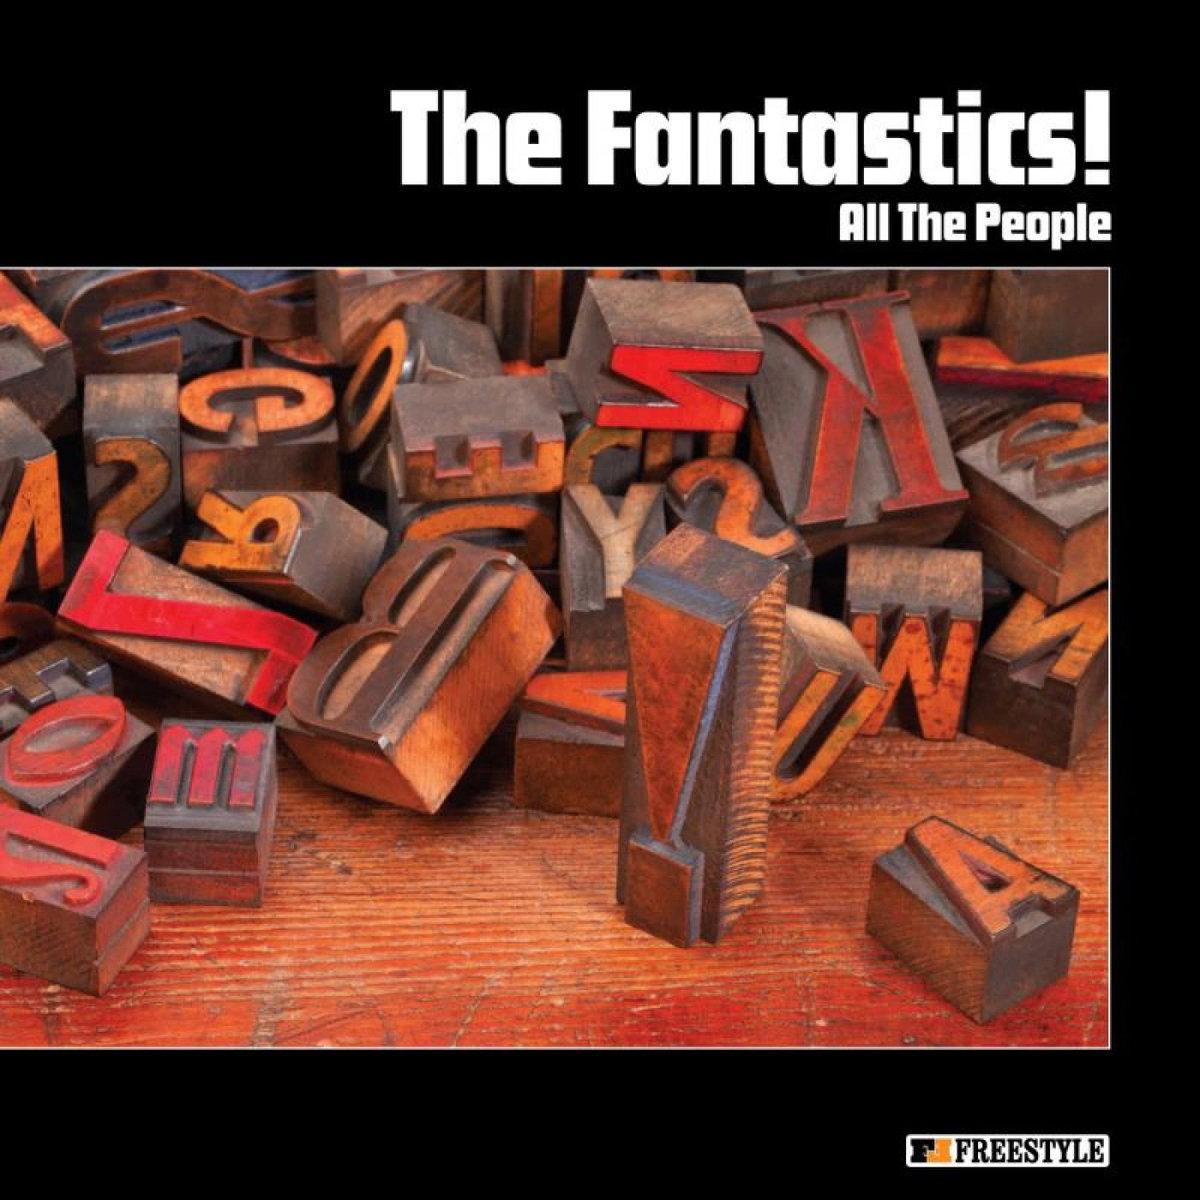 All The People de The Fantastics!